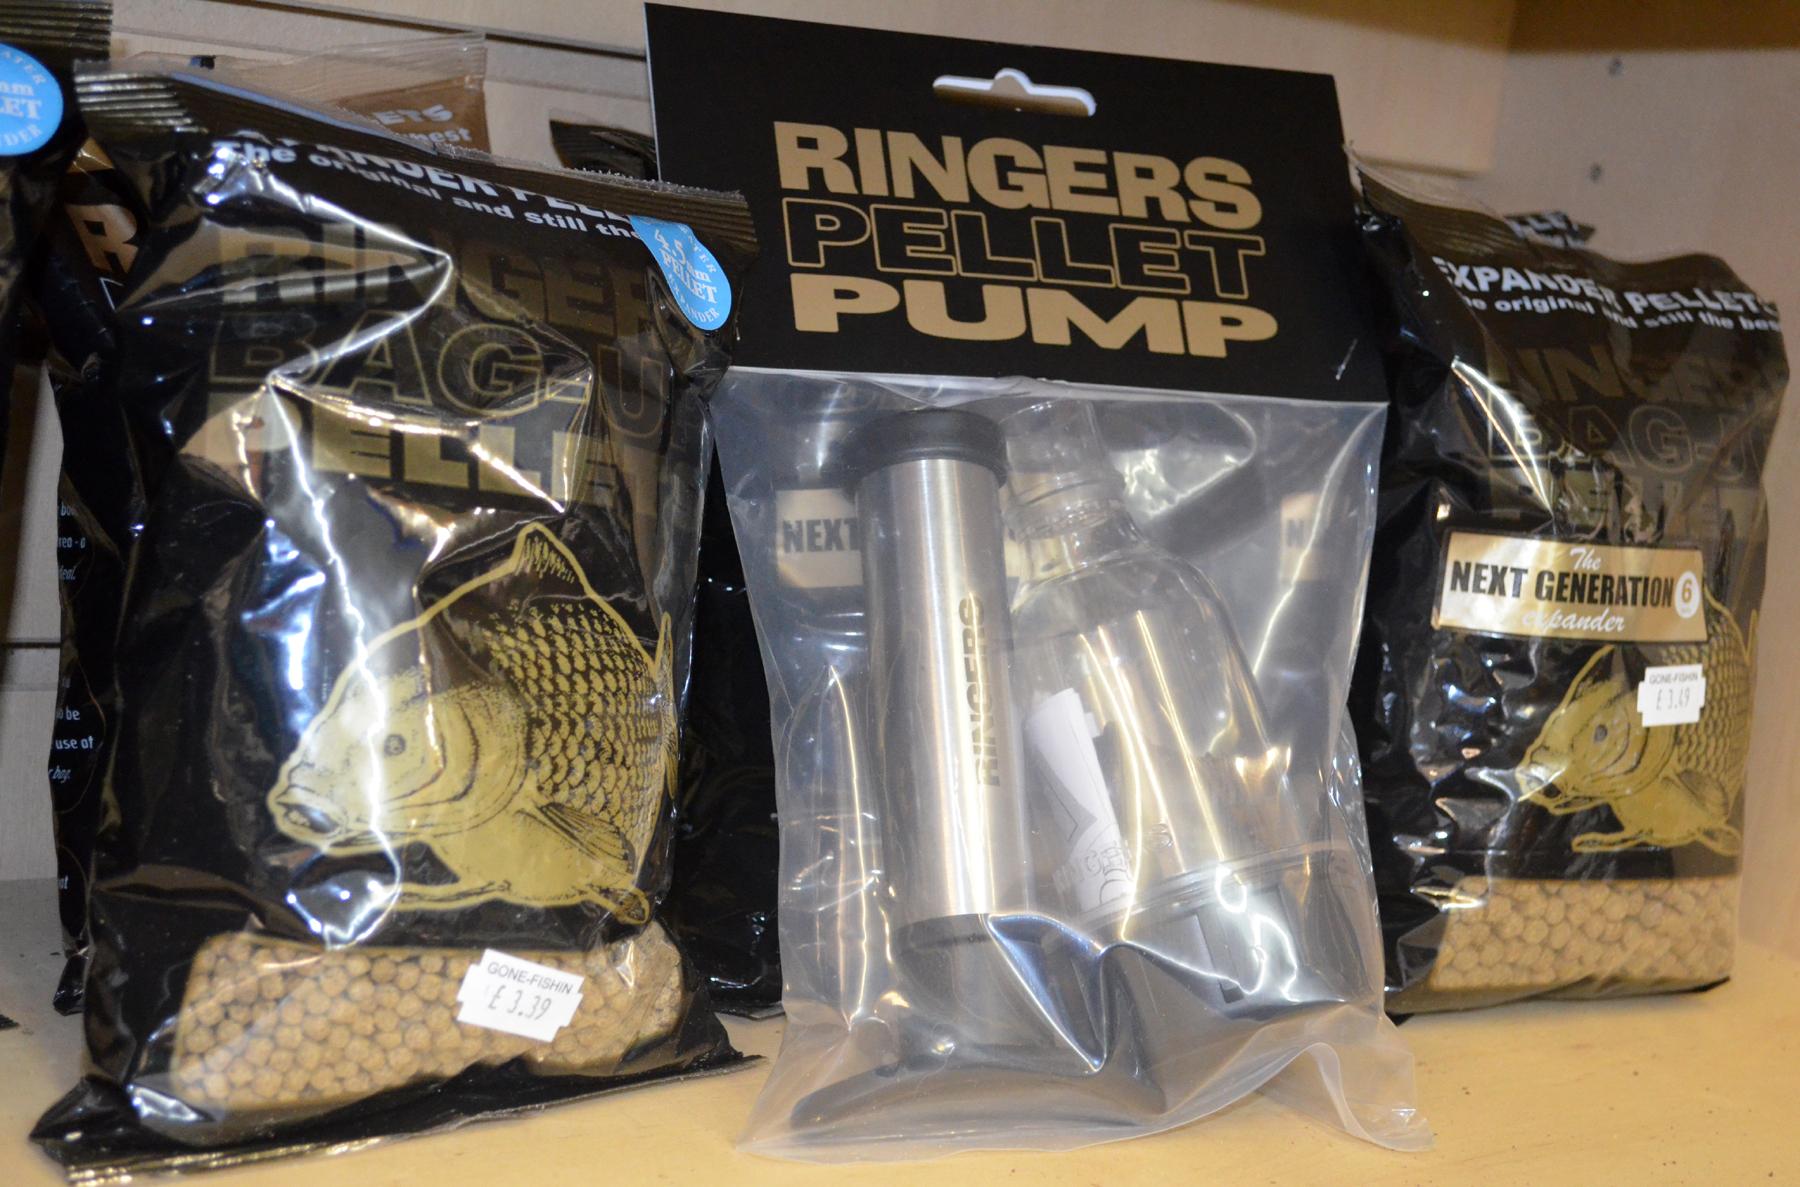 Ringers Pellet Pumps in stock now!